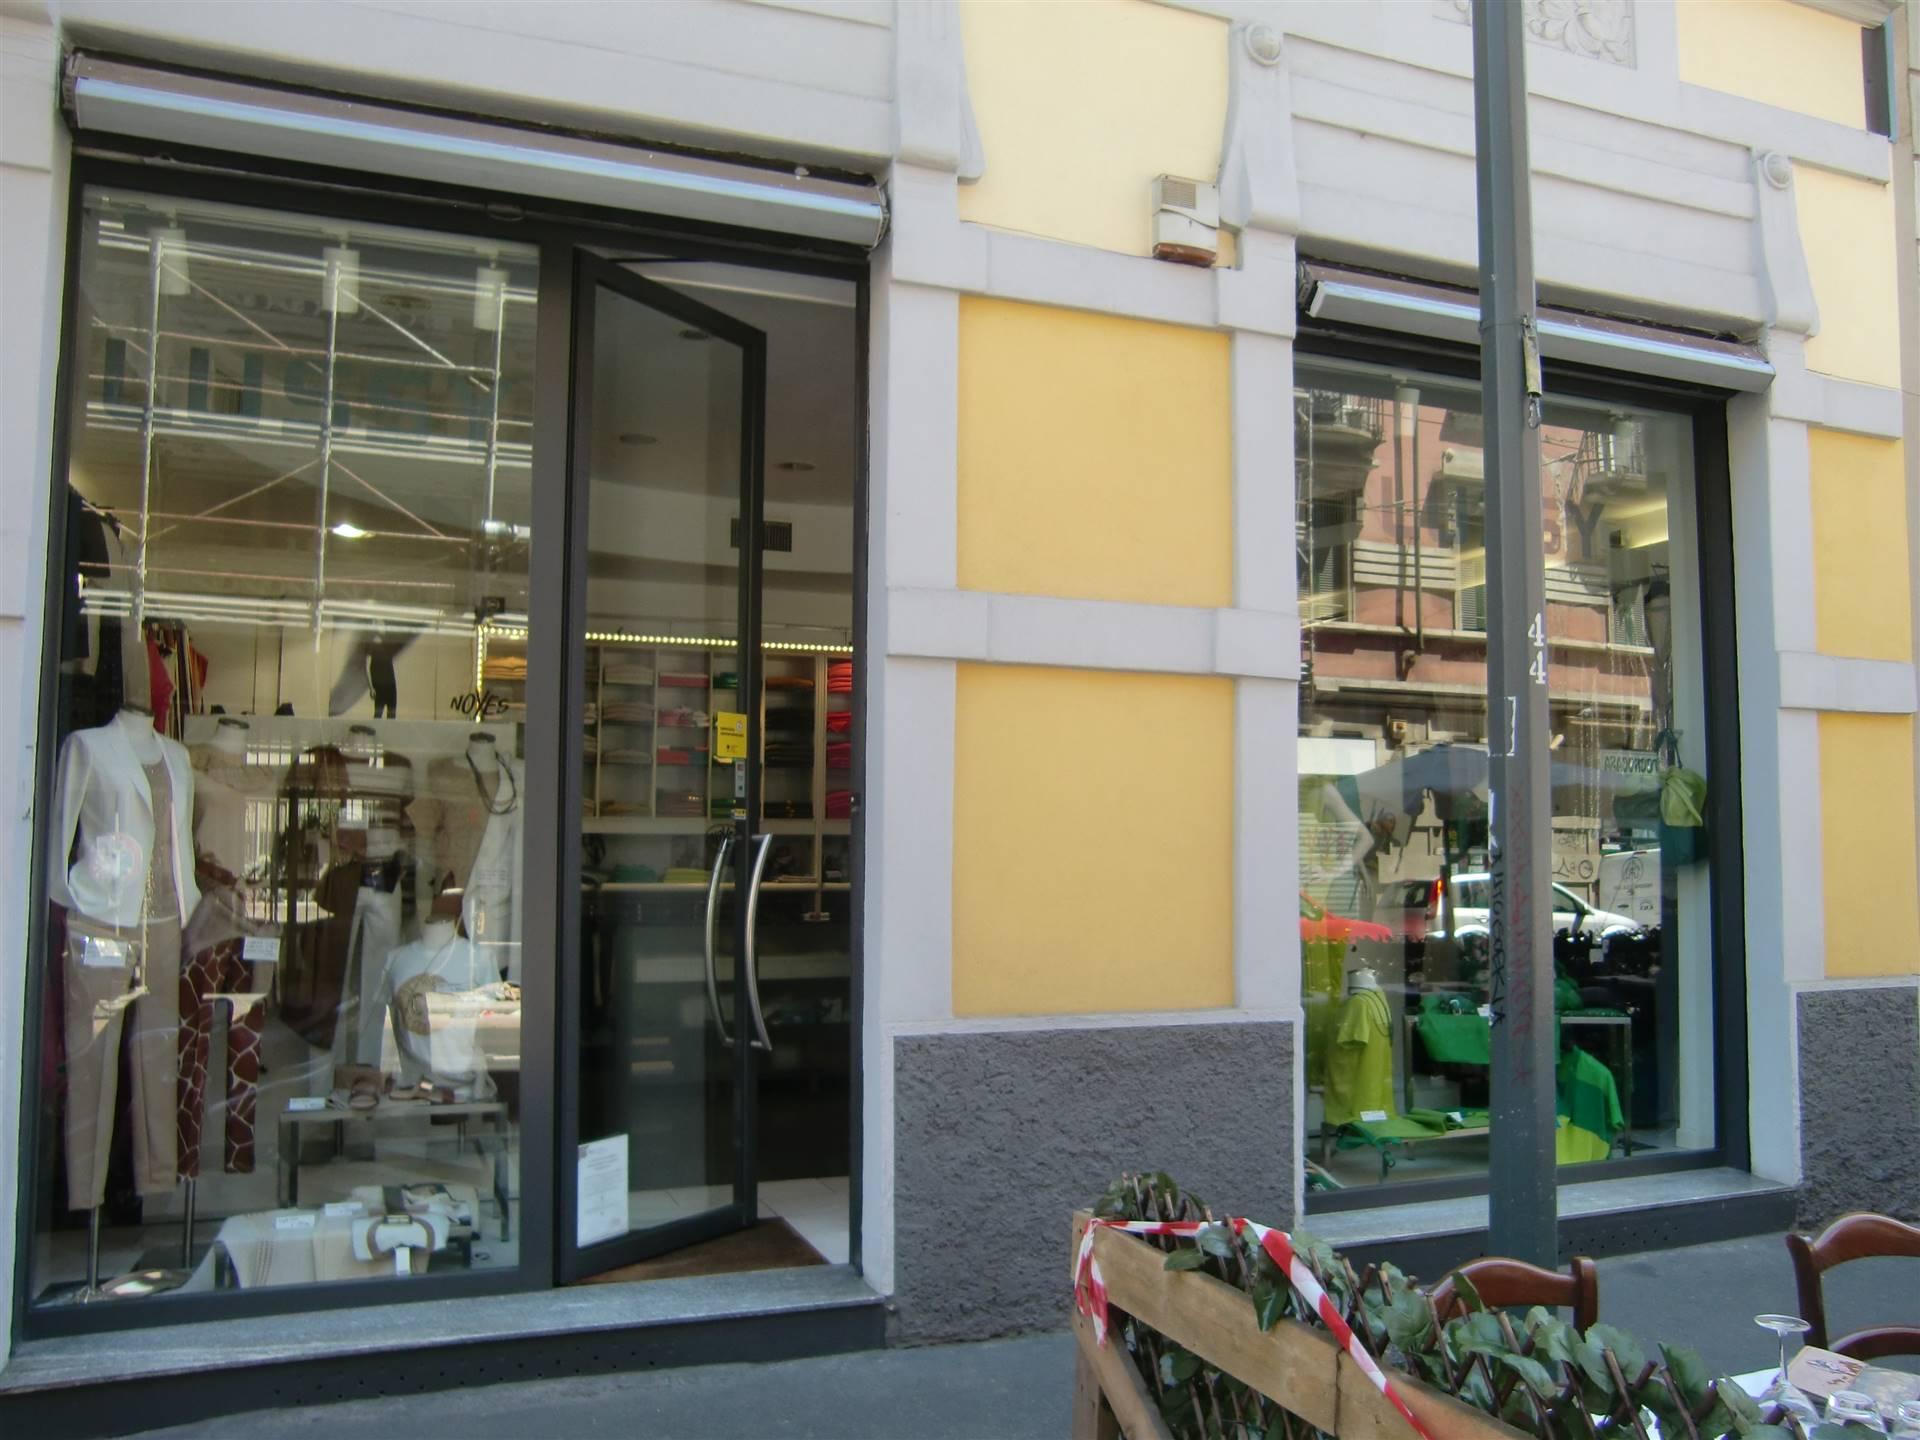 ROVERETO, MILANO, Attività commerciale in vendita di 75 Mq, Ottime condizioni, Classe energetica: G, Epi: 1783 kwh/m3 anno, composto da: 2 Vani, 1